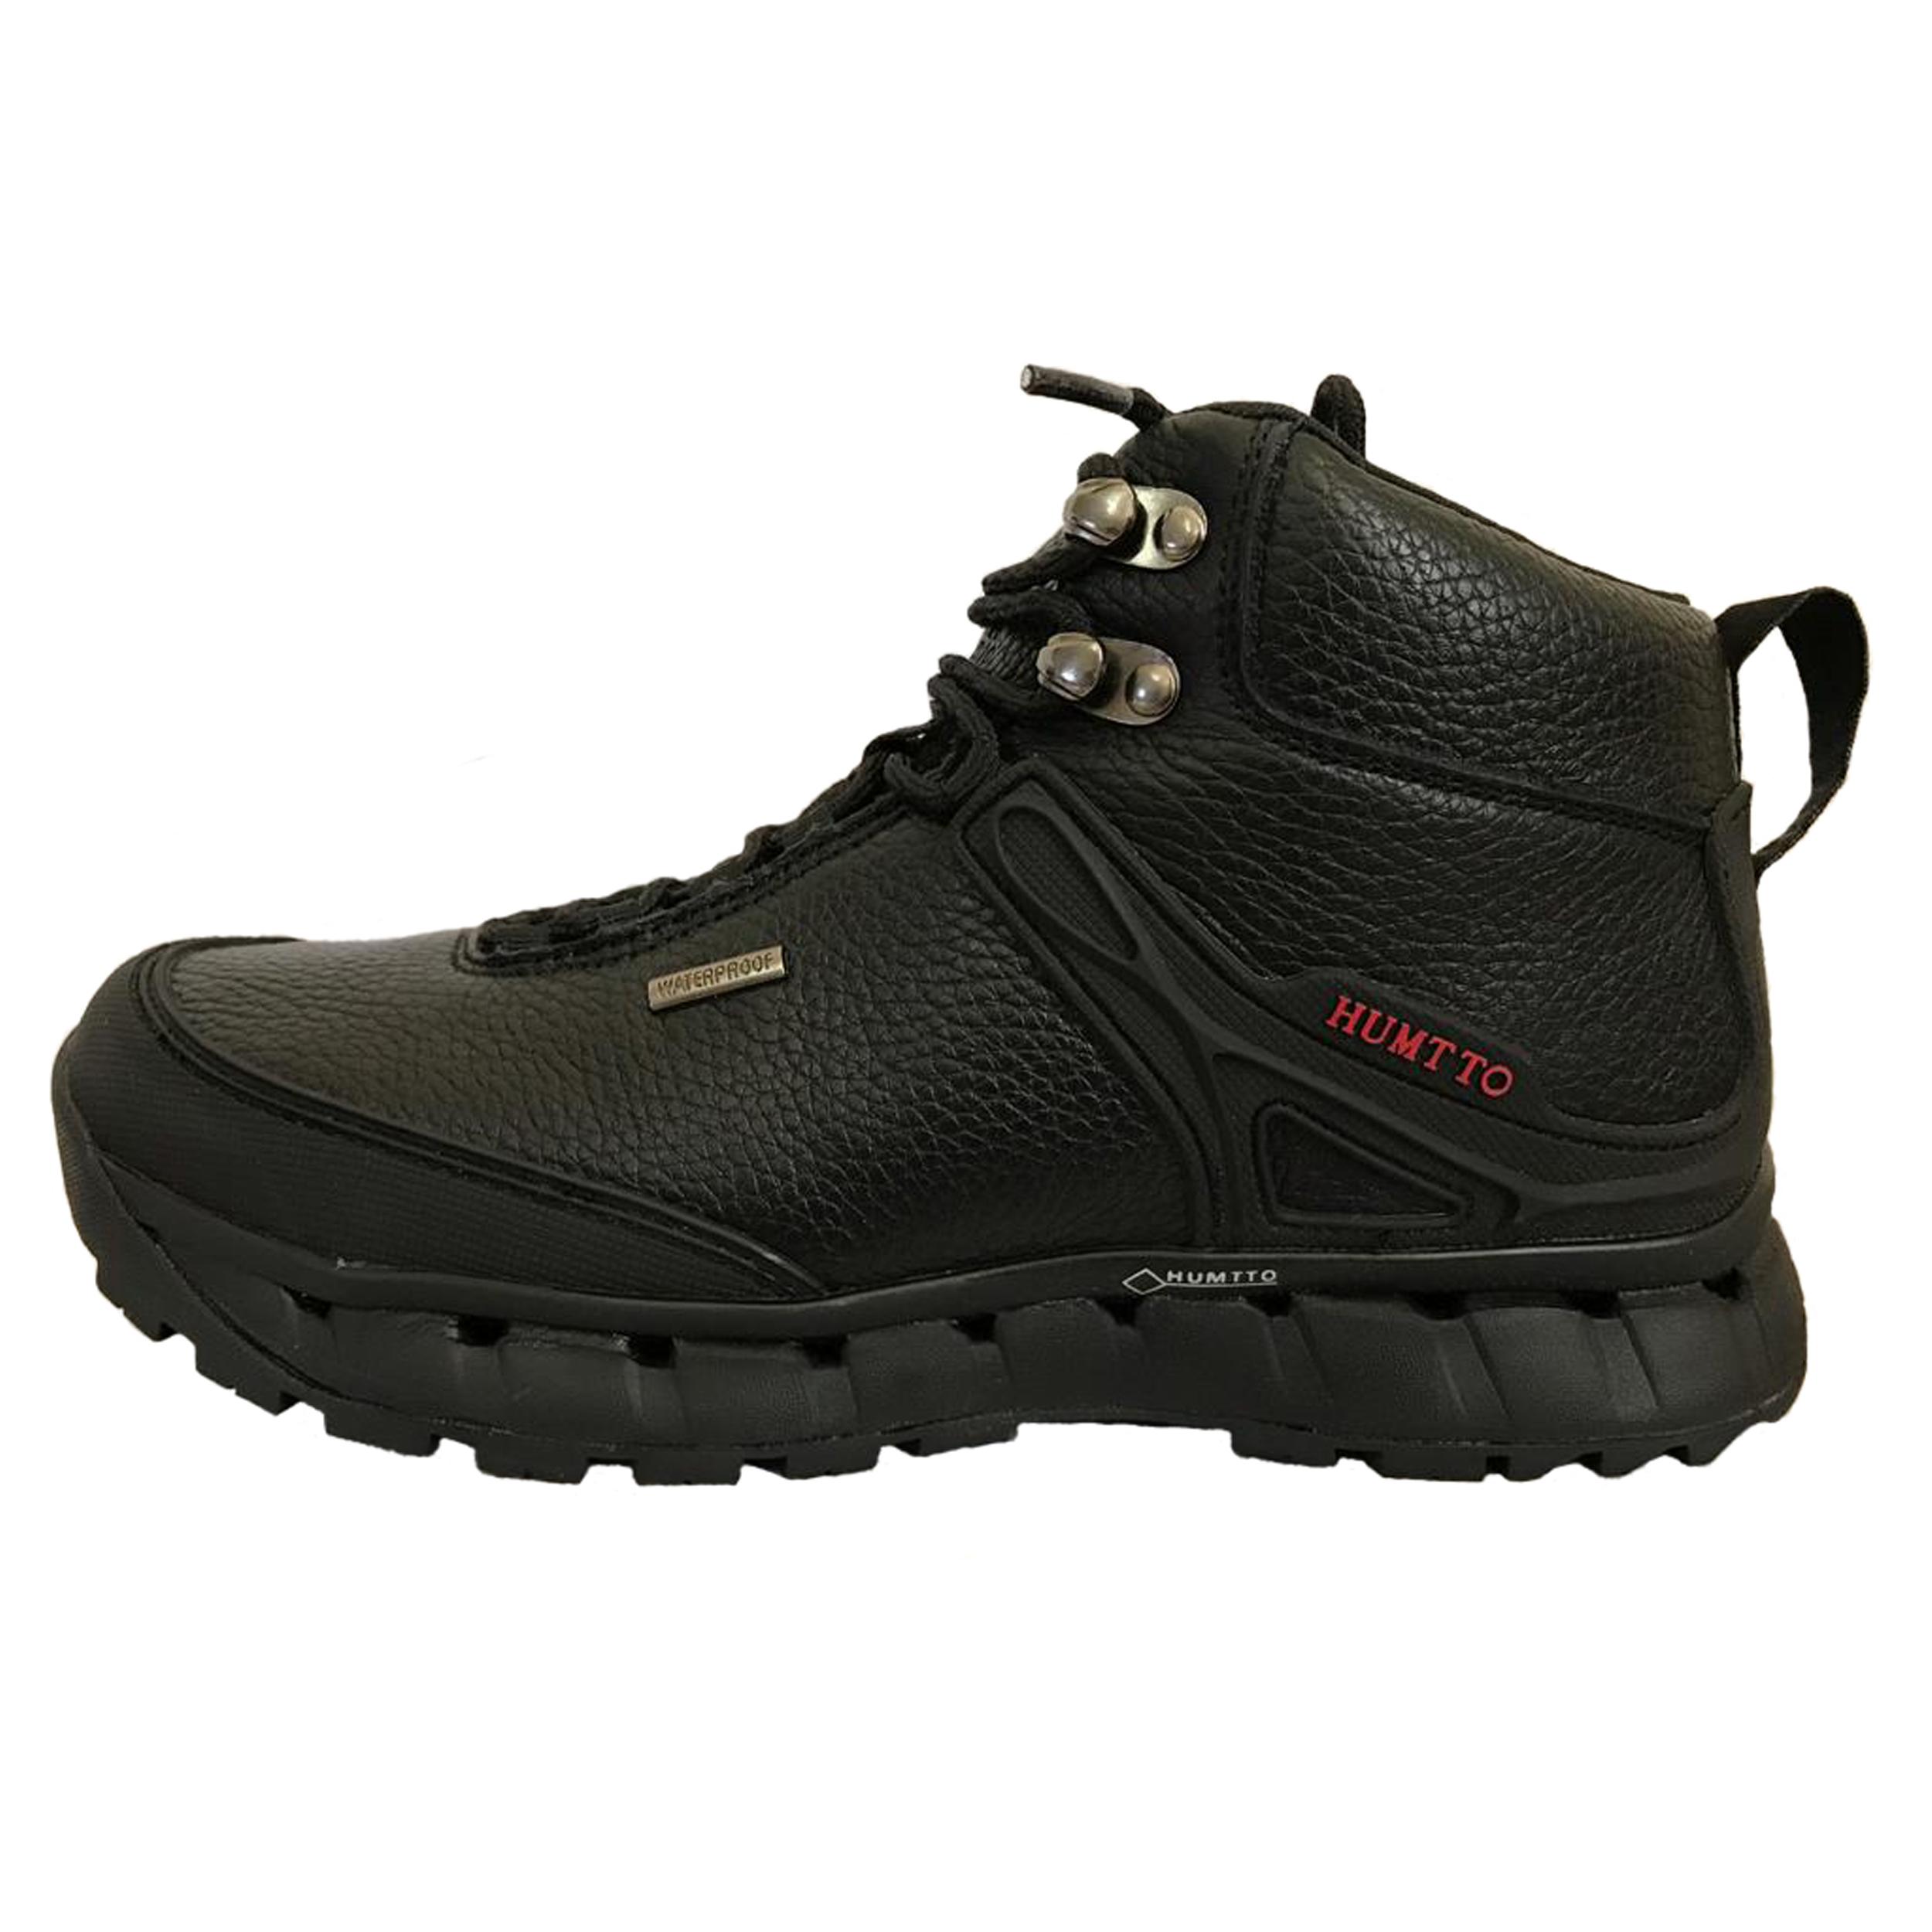 کفش کوهنوردی مردانه هامتو کد 290031B-1